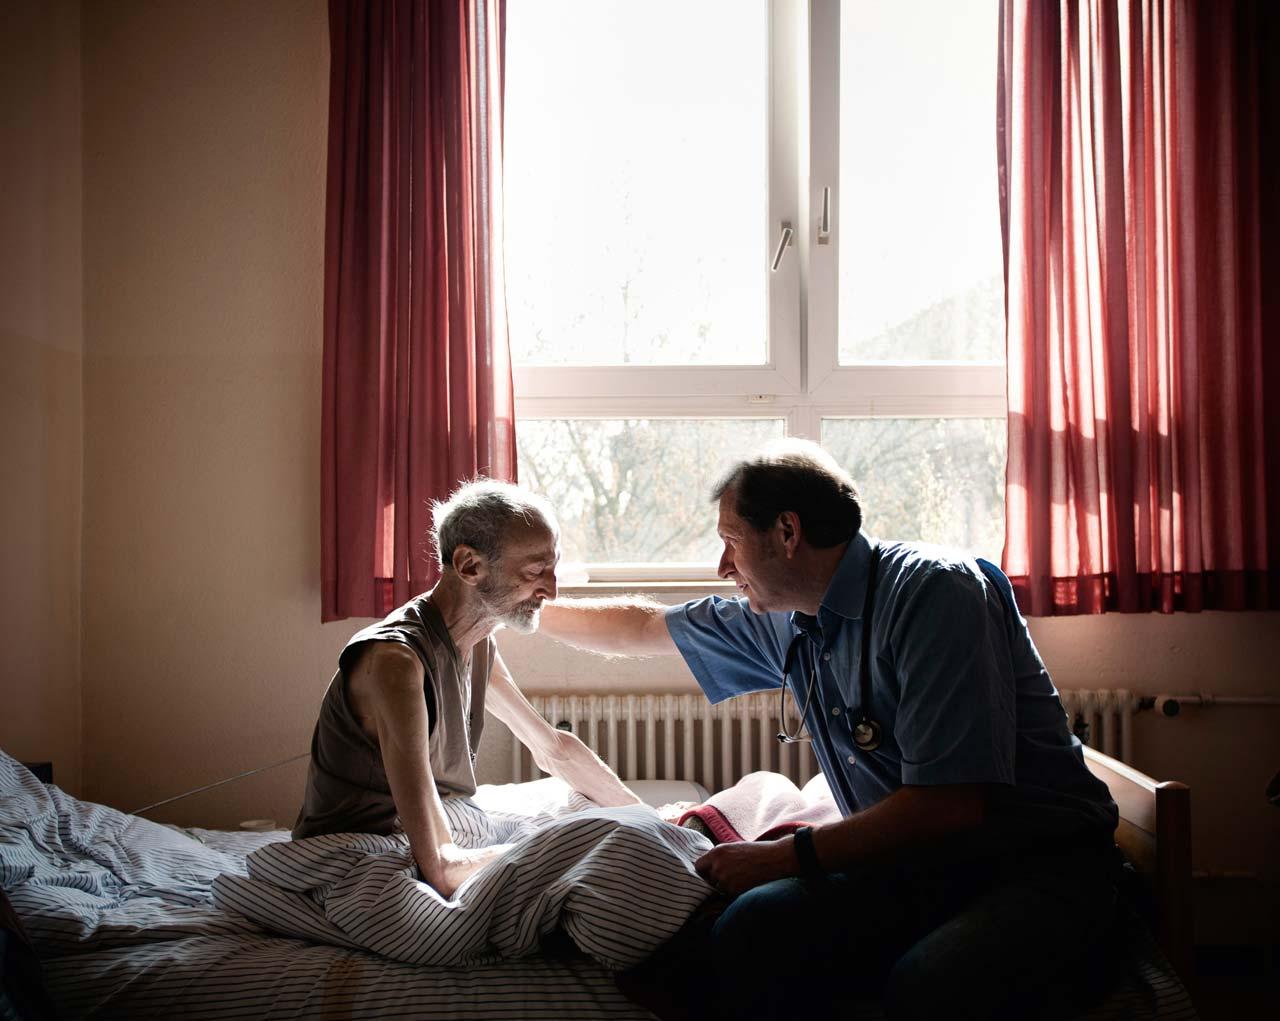 Prof. Dr. Trabert bespricht mit einem Patienten die Verlegung in ein Hospiz.